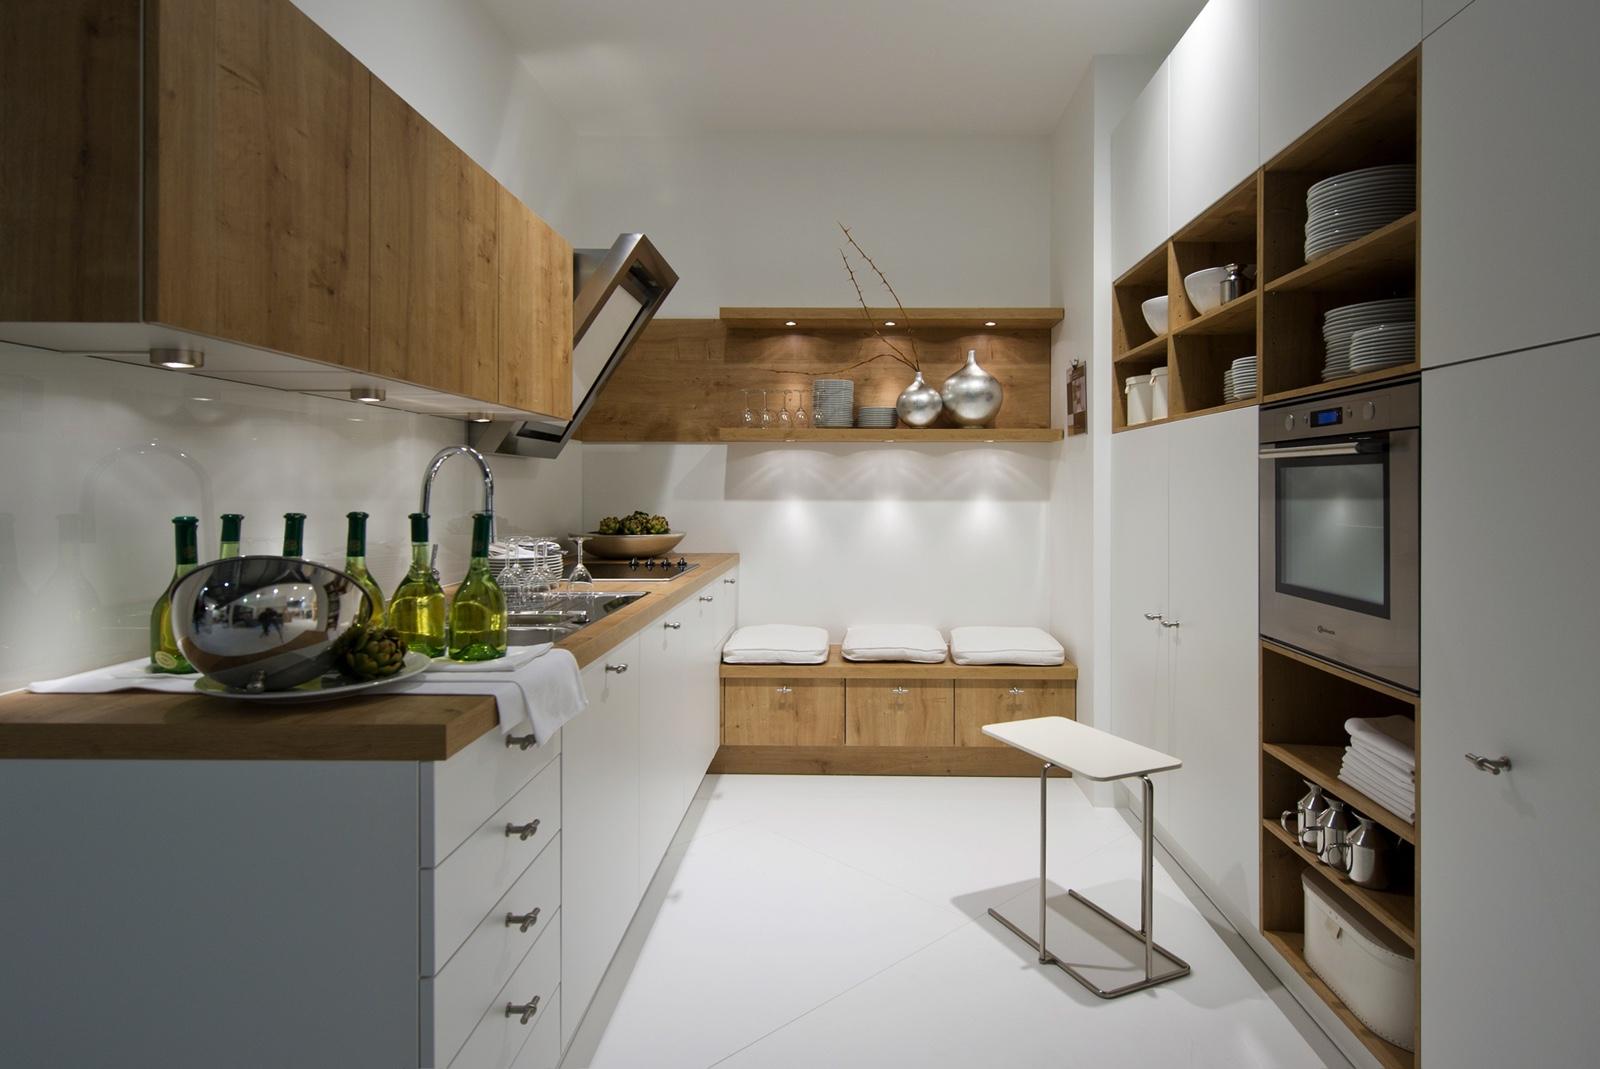 Nolte Thonon Cuisine Moderne NK1155